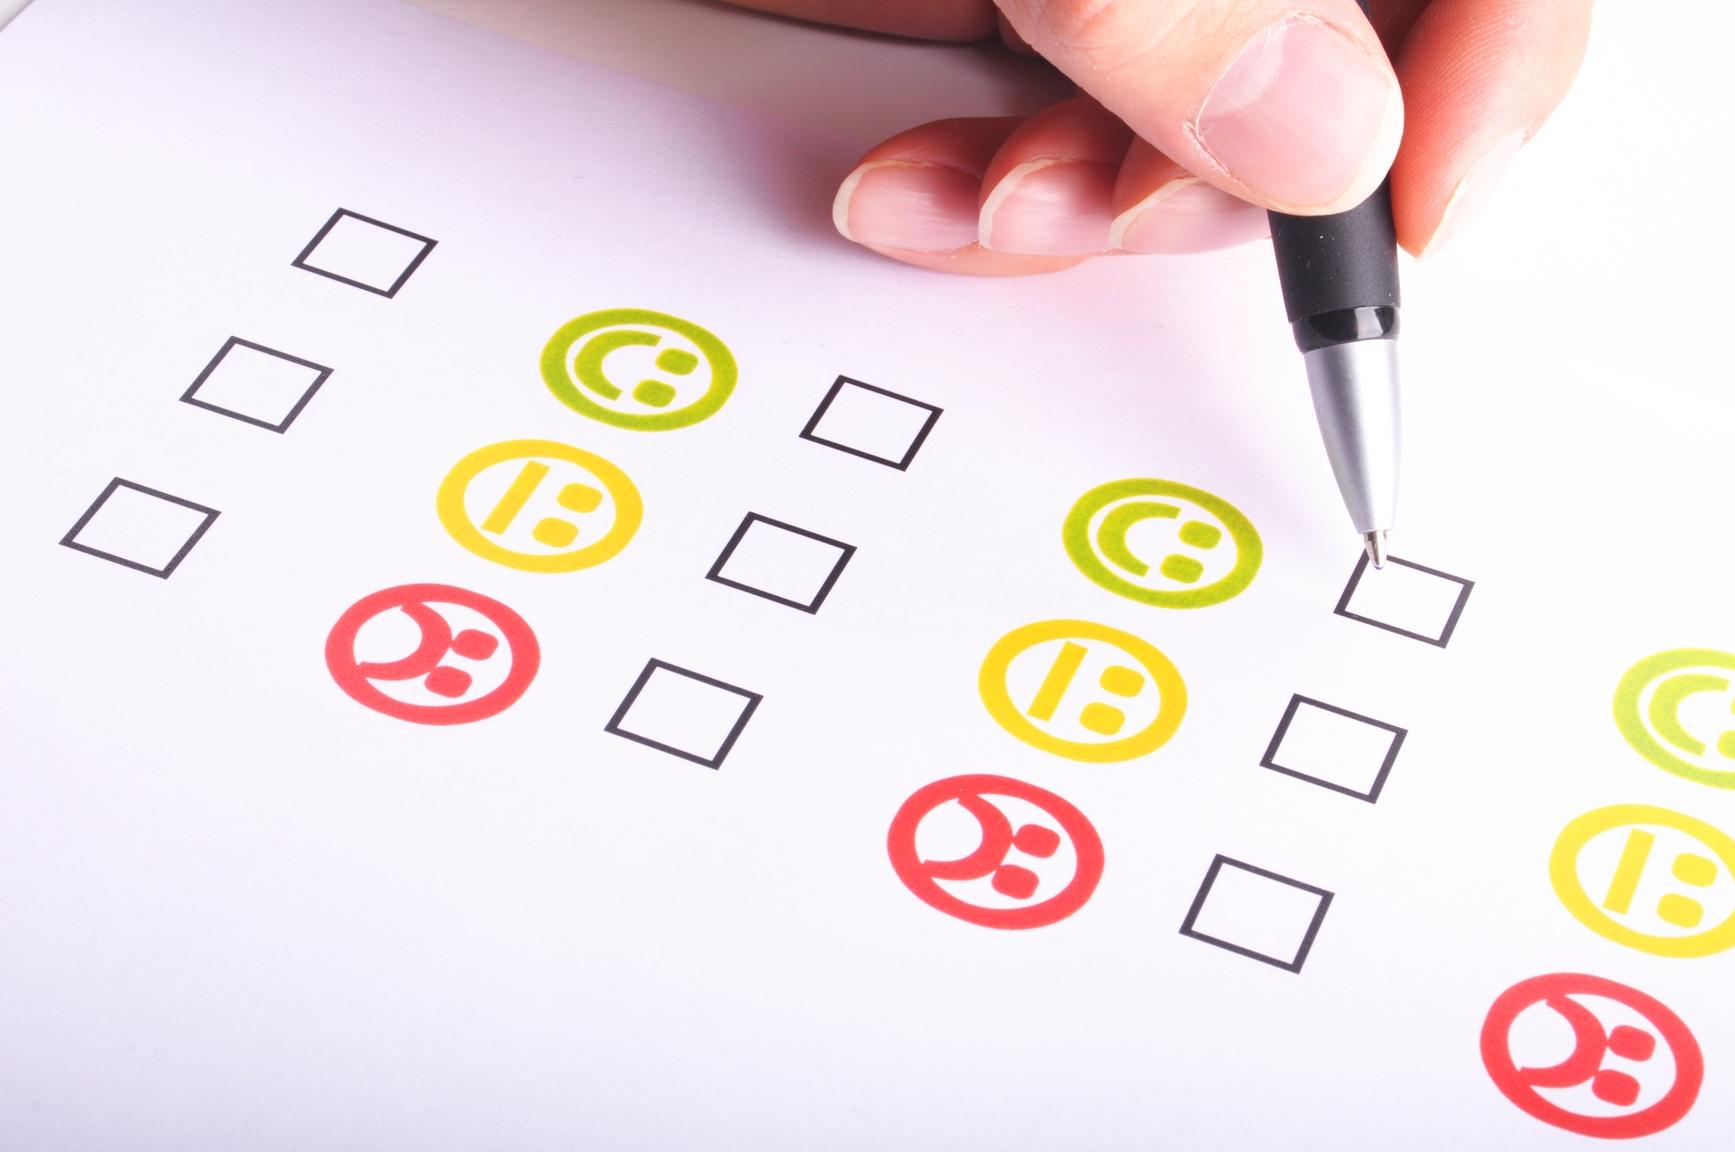 Ba điểm cần lưu ý để làm hài lòng khách hàng Làm sao để khách hàng hài lòng